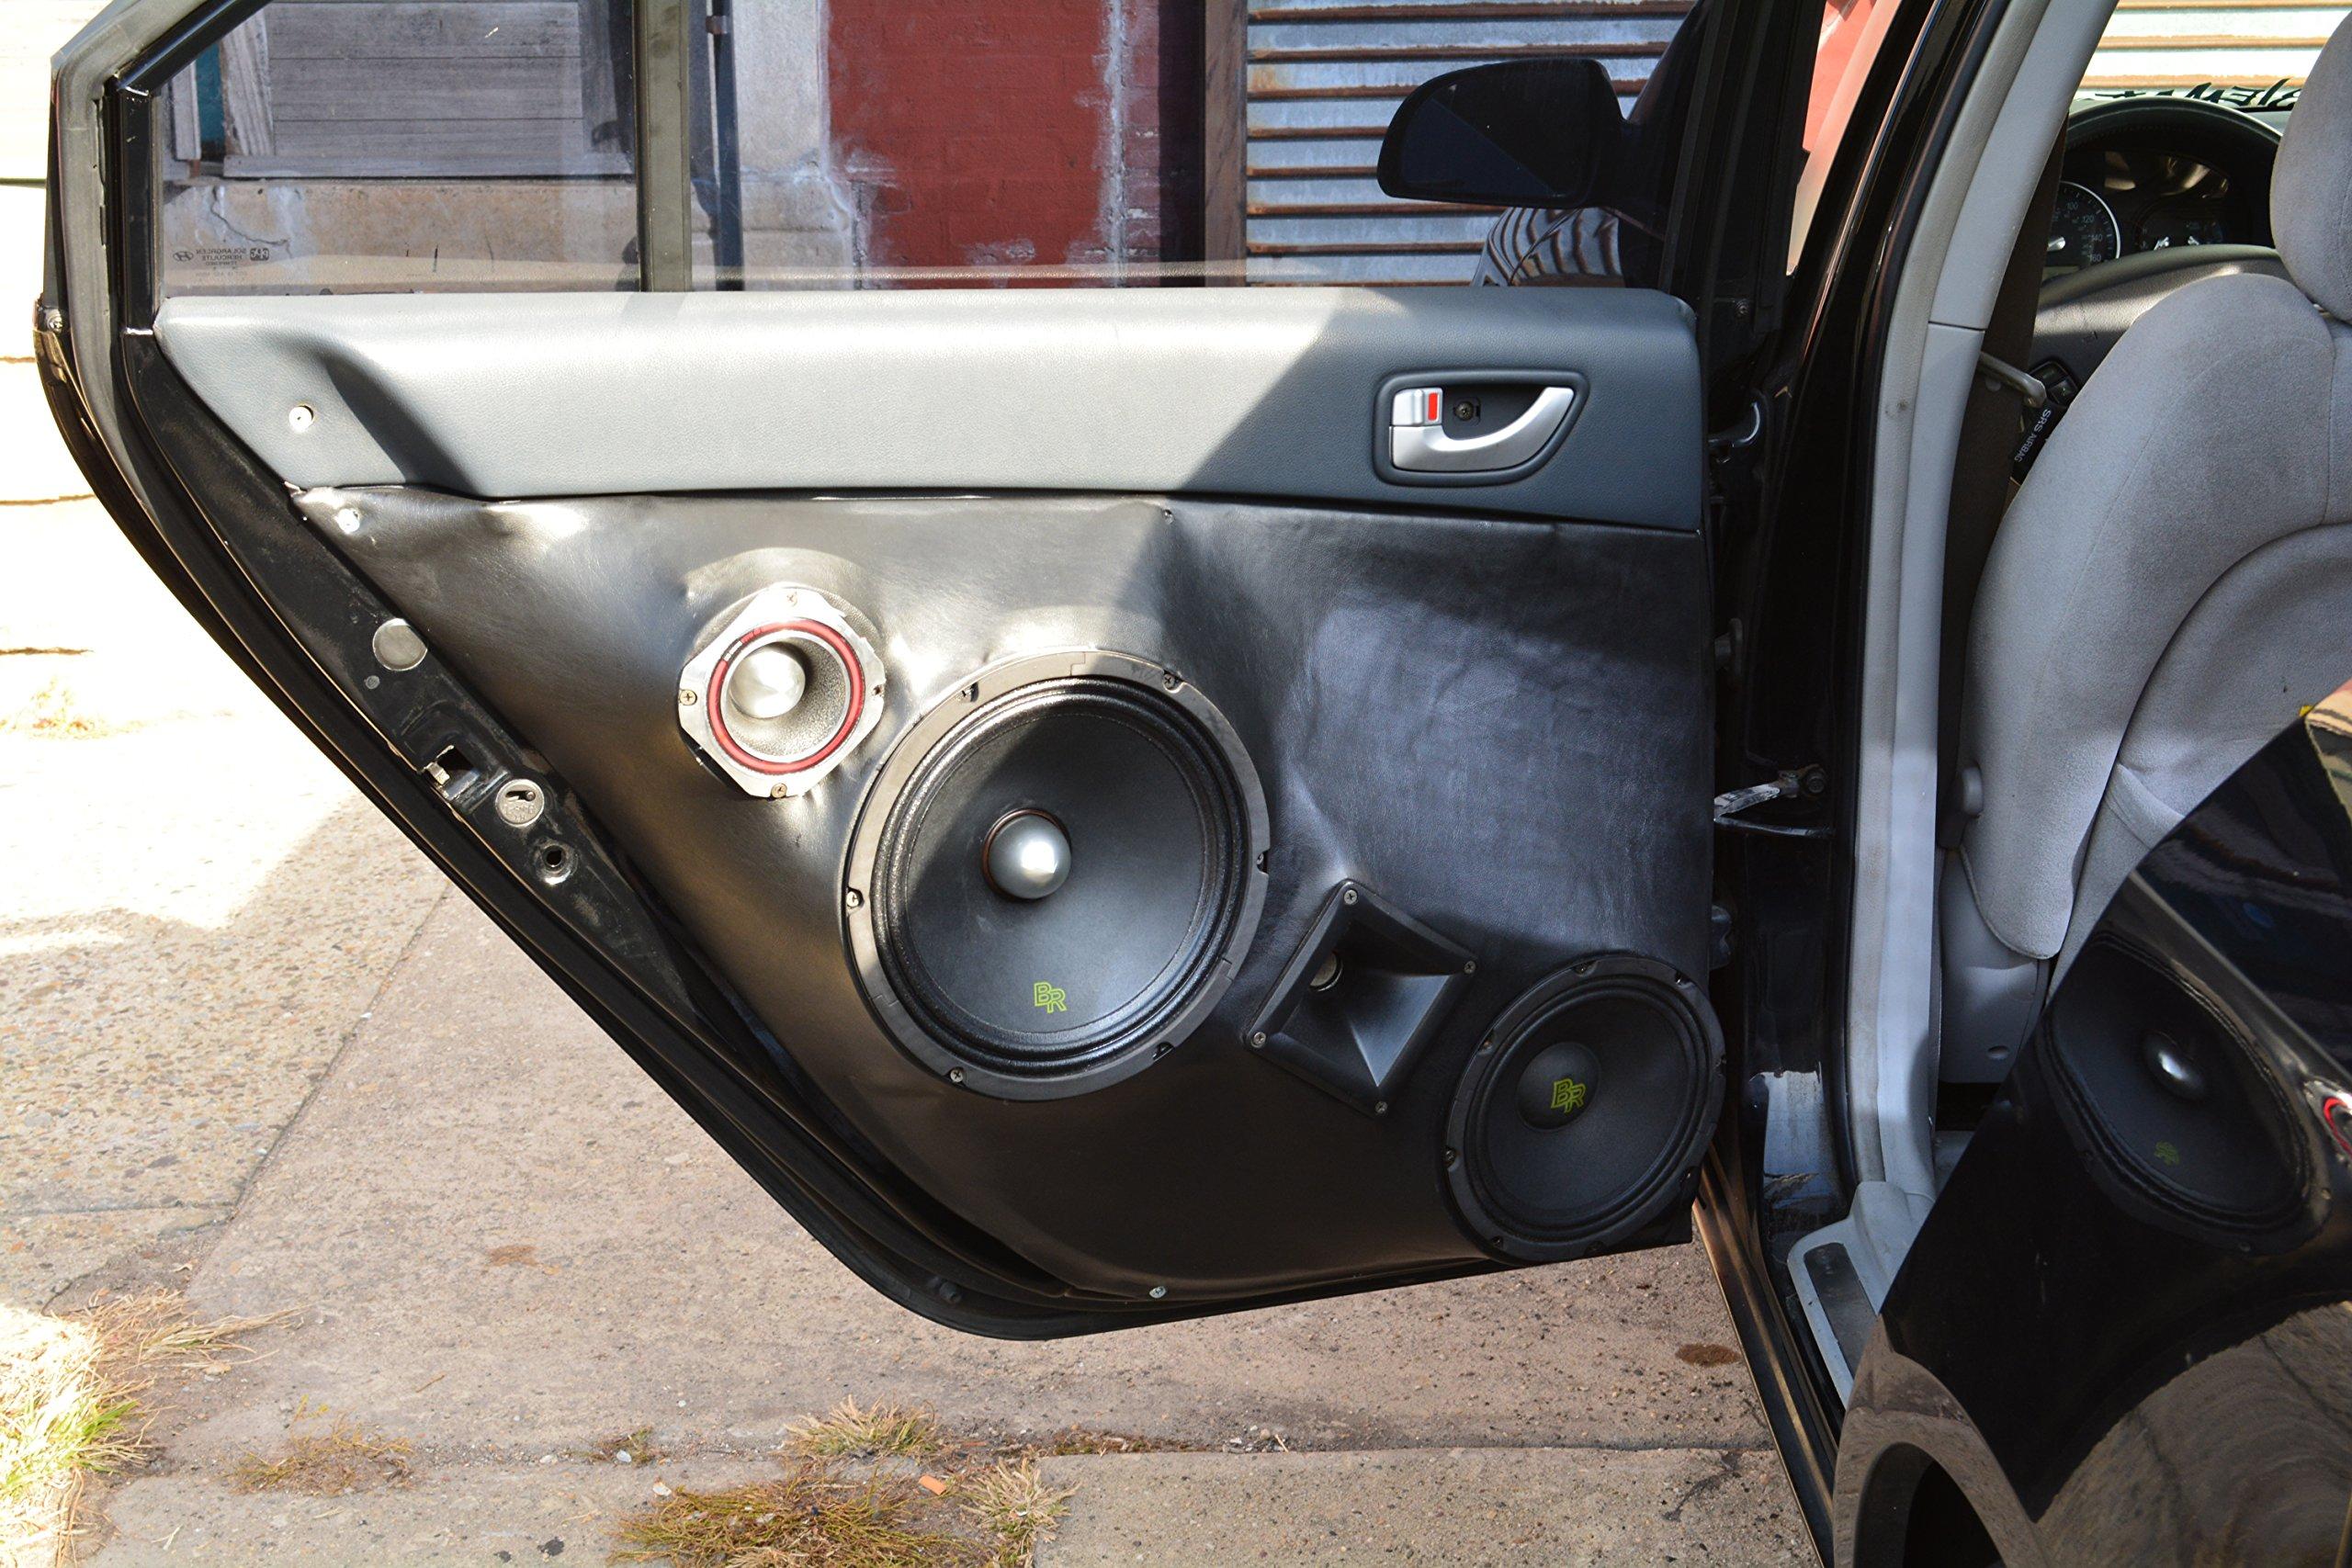 Bass Rockers 6.5'' 300W Closed Basket Mid-Range Speaker (BRM6C) by Bassrockers.net (Image #5)